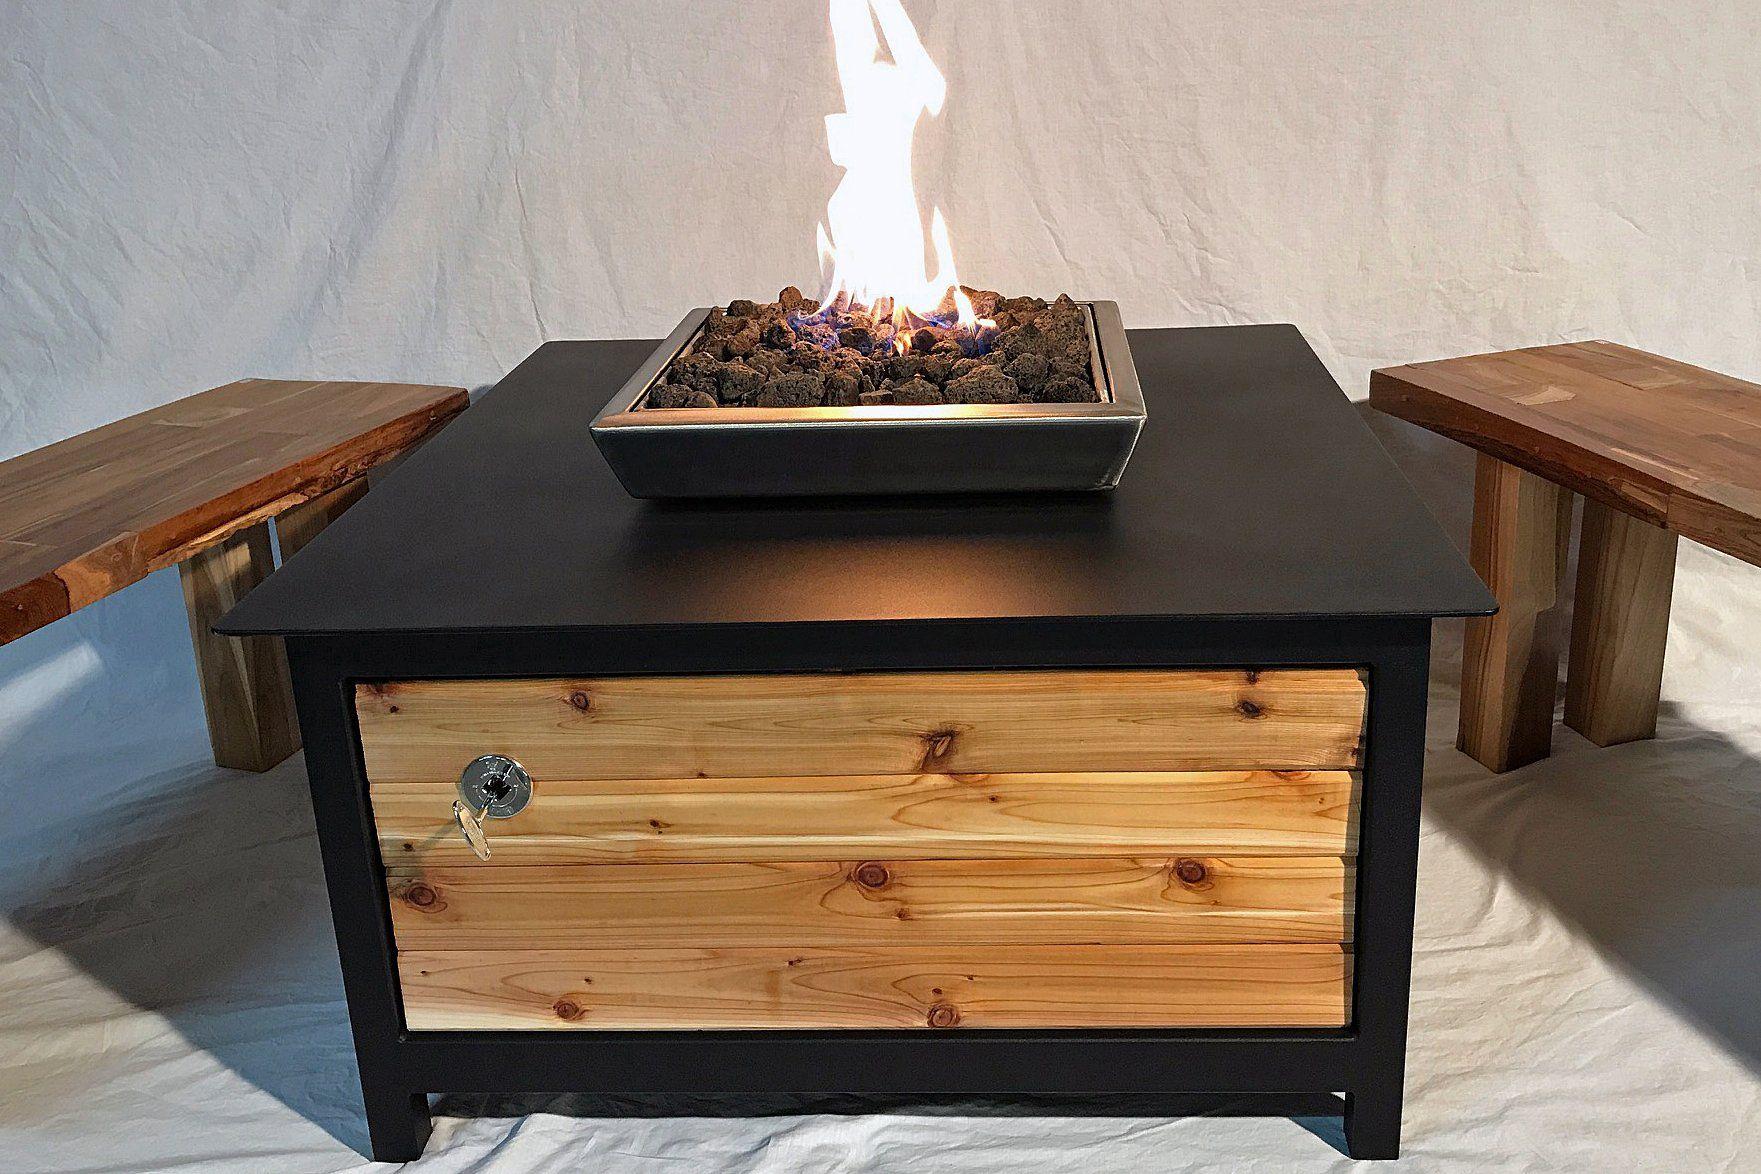 Heavy duty gas fire table u raven black u cedar side panels u square